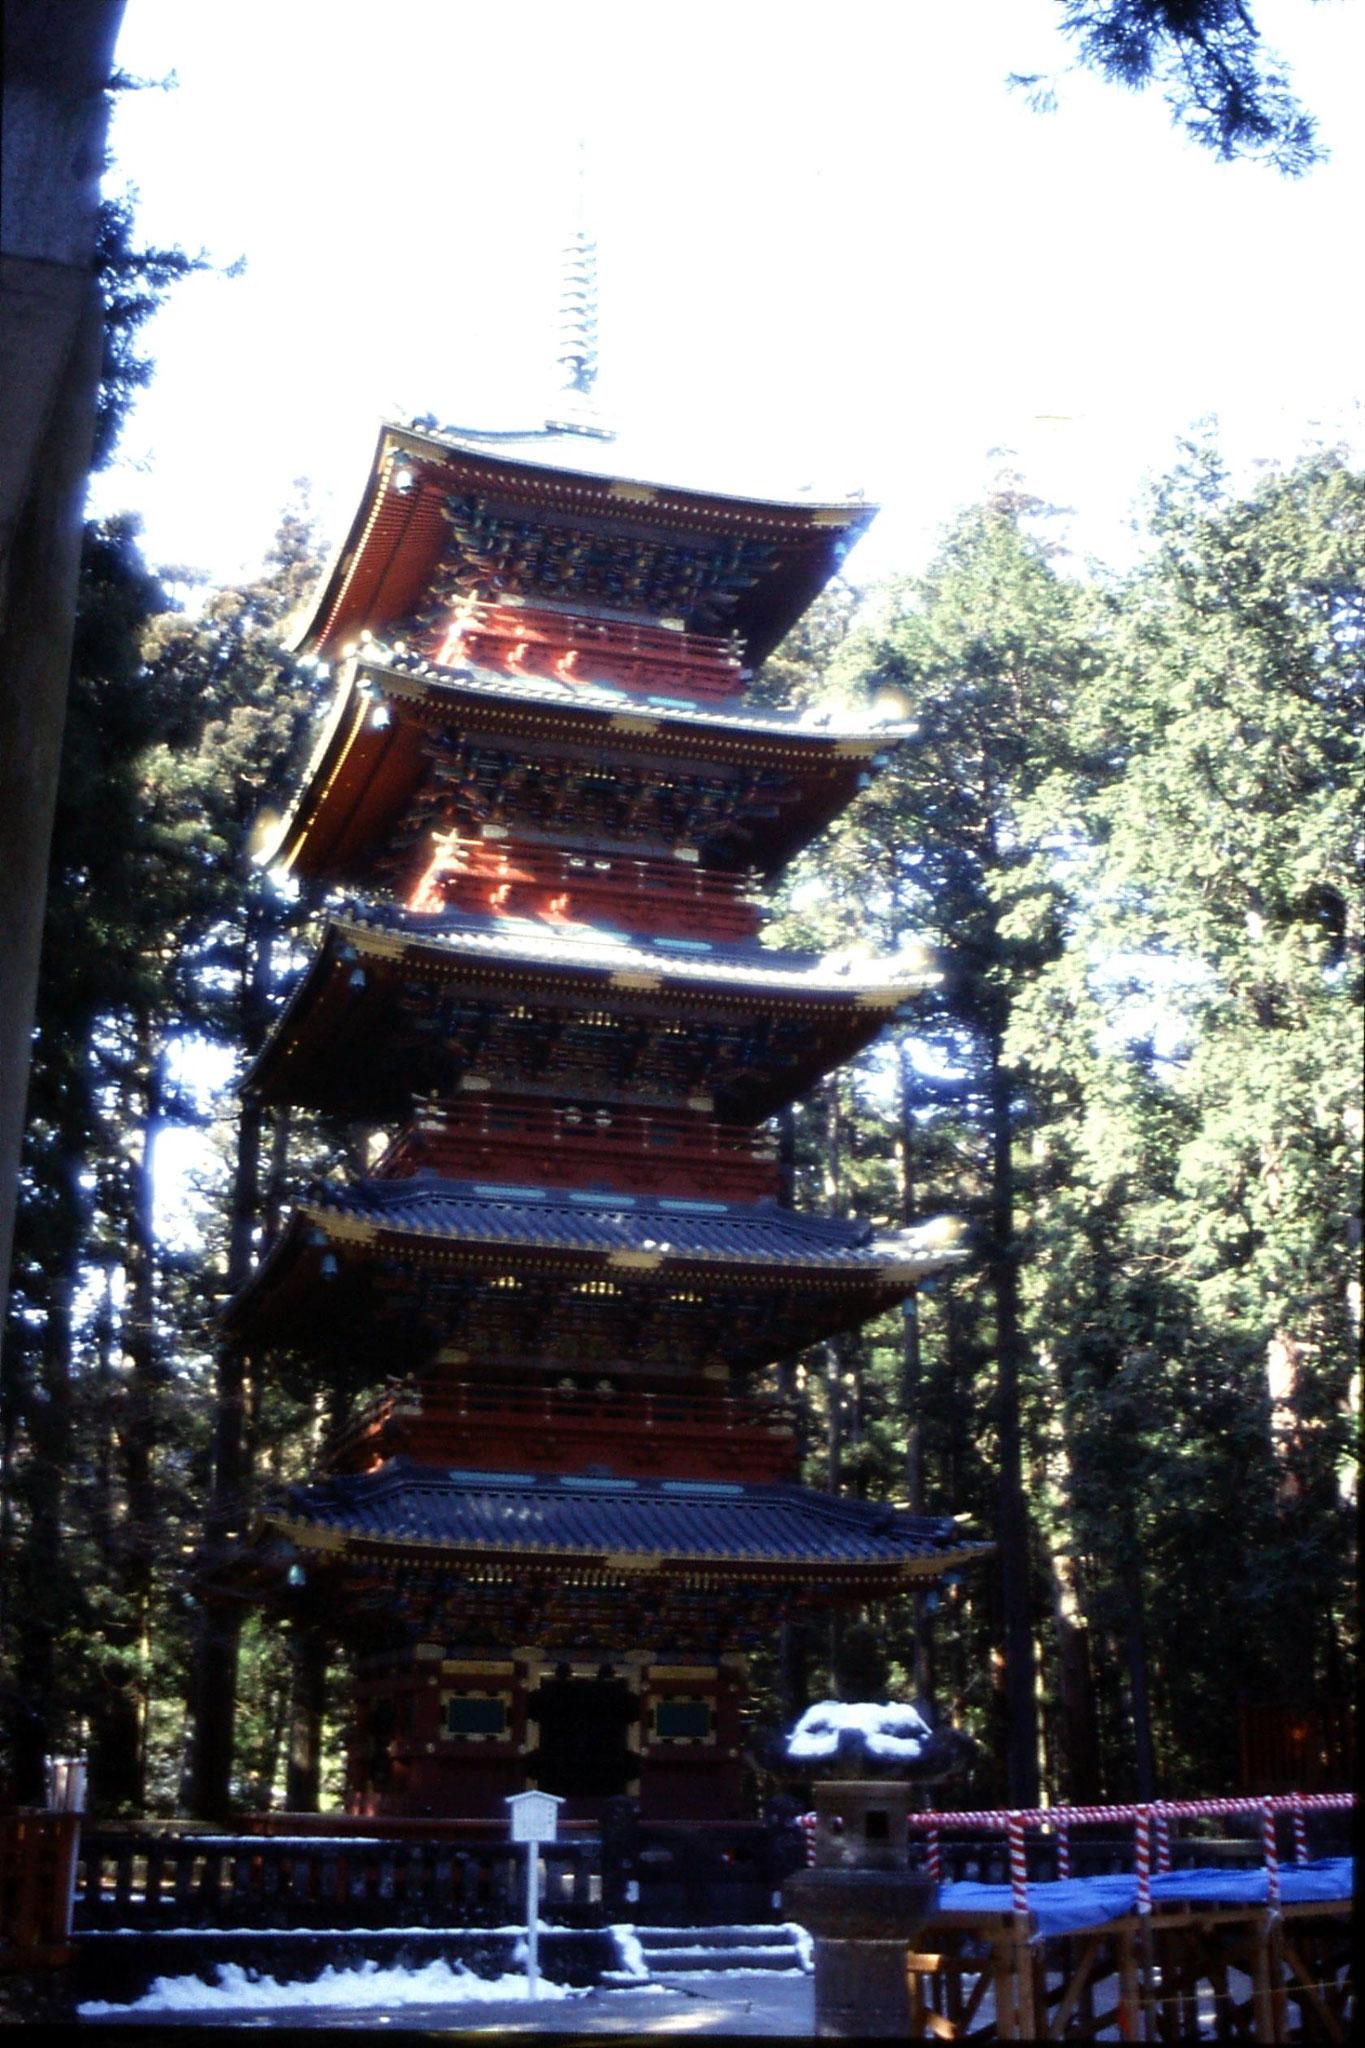 31/1/1989: 12: Nikko Tushugu Pagoda